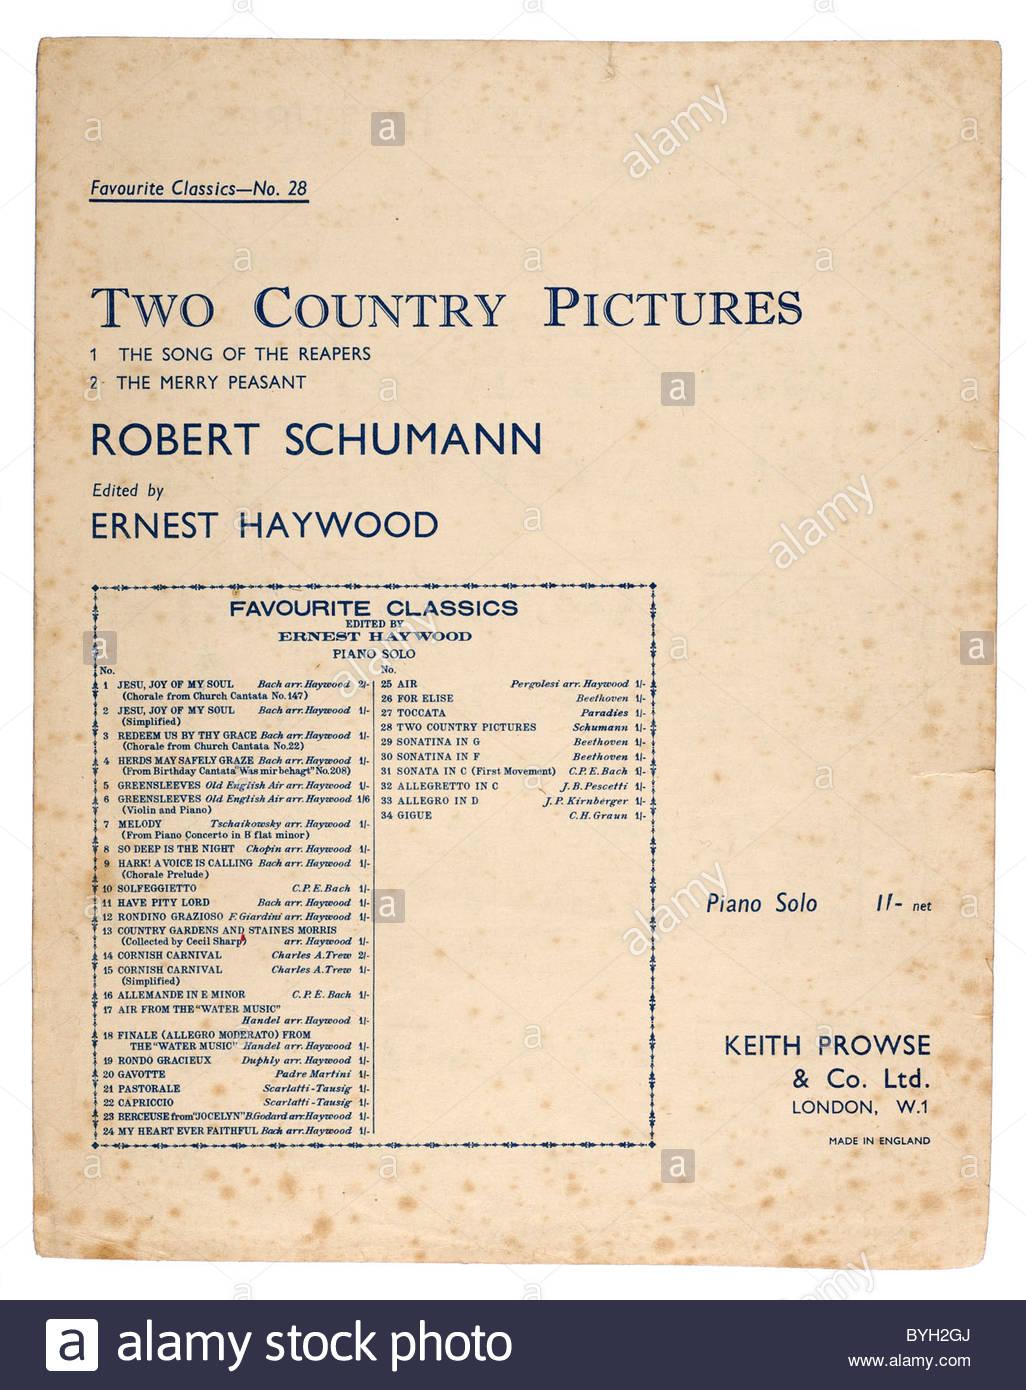 Schumann Music Stock Photos & Schumann Music Stock Images - Alamy